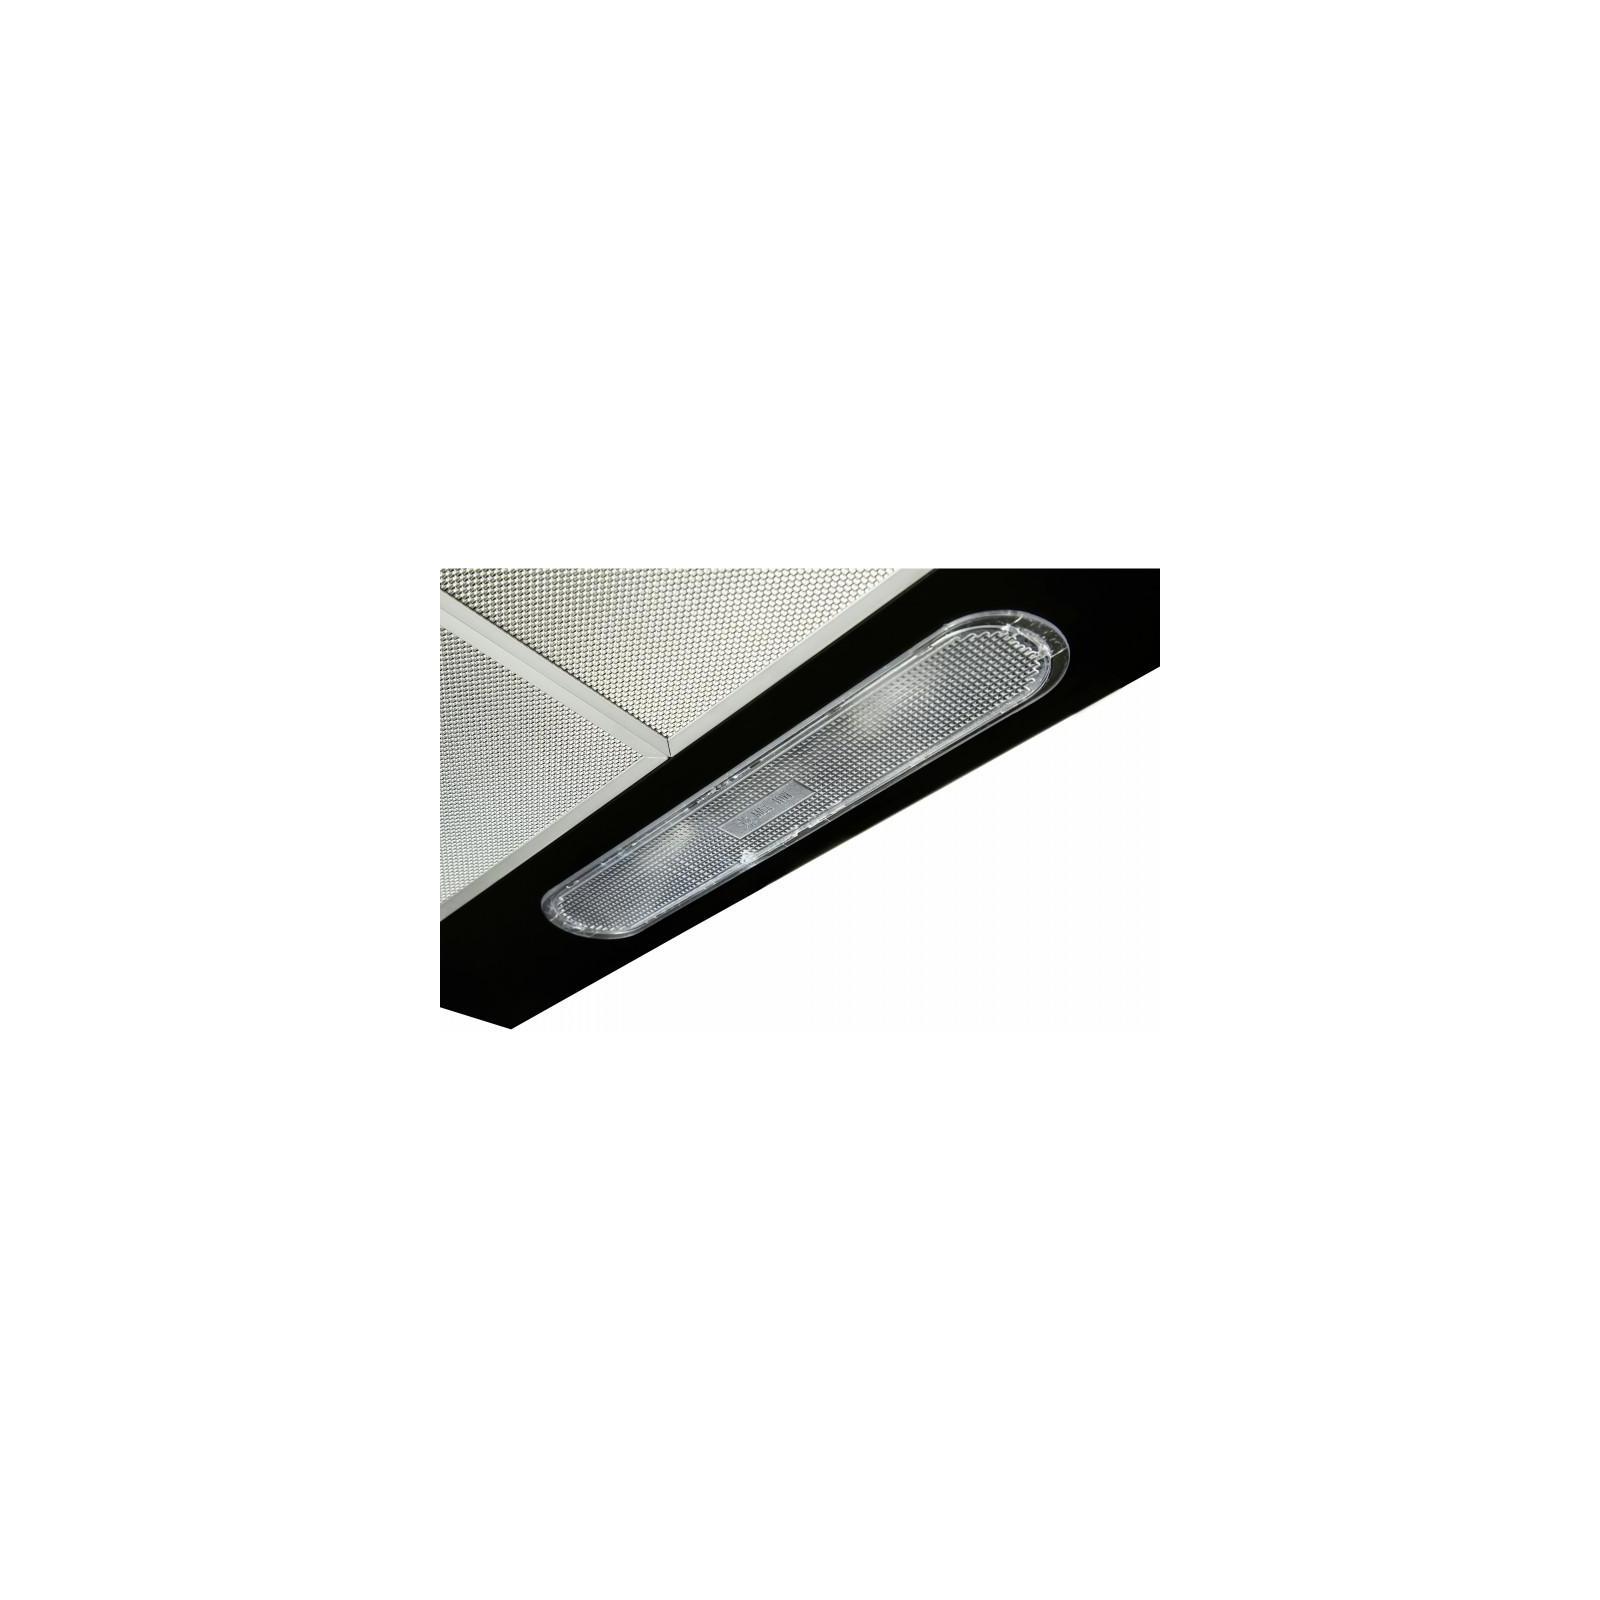 Вытяжка кухонная MINOLA HPL 6140 BL 630 изображение 5